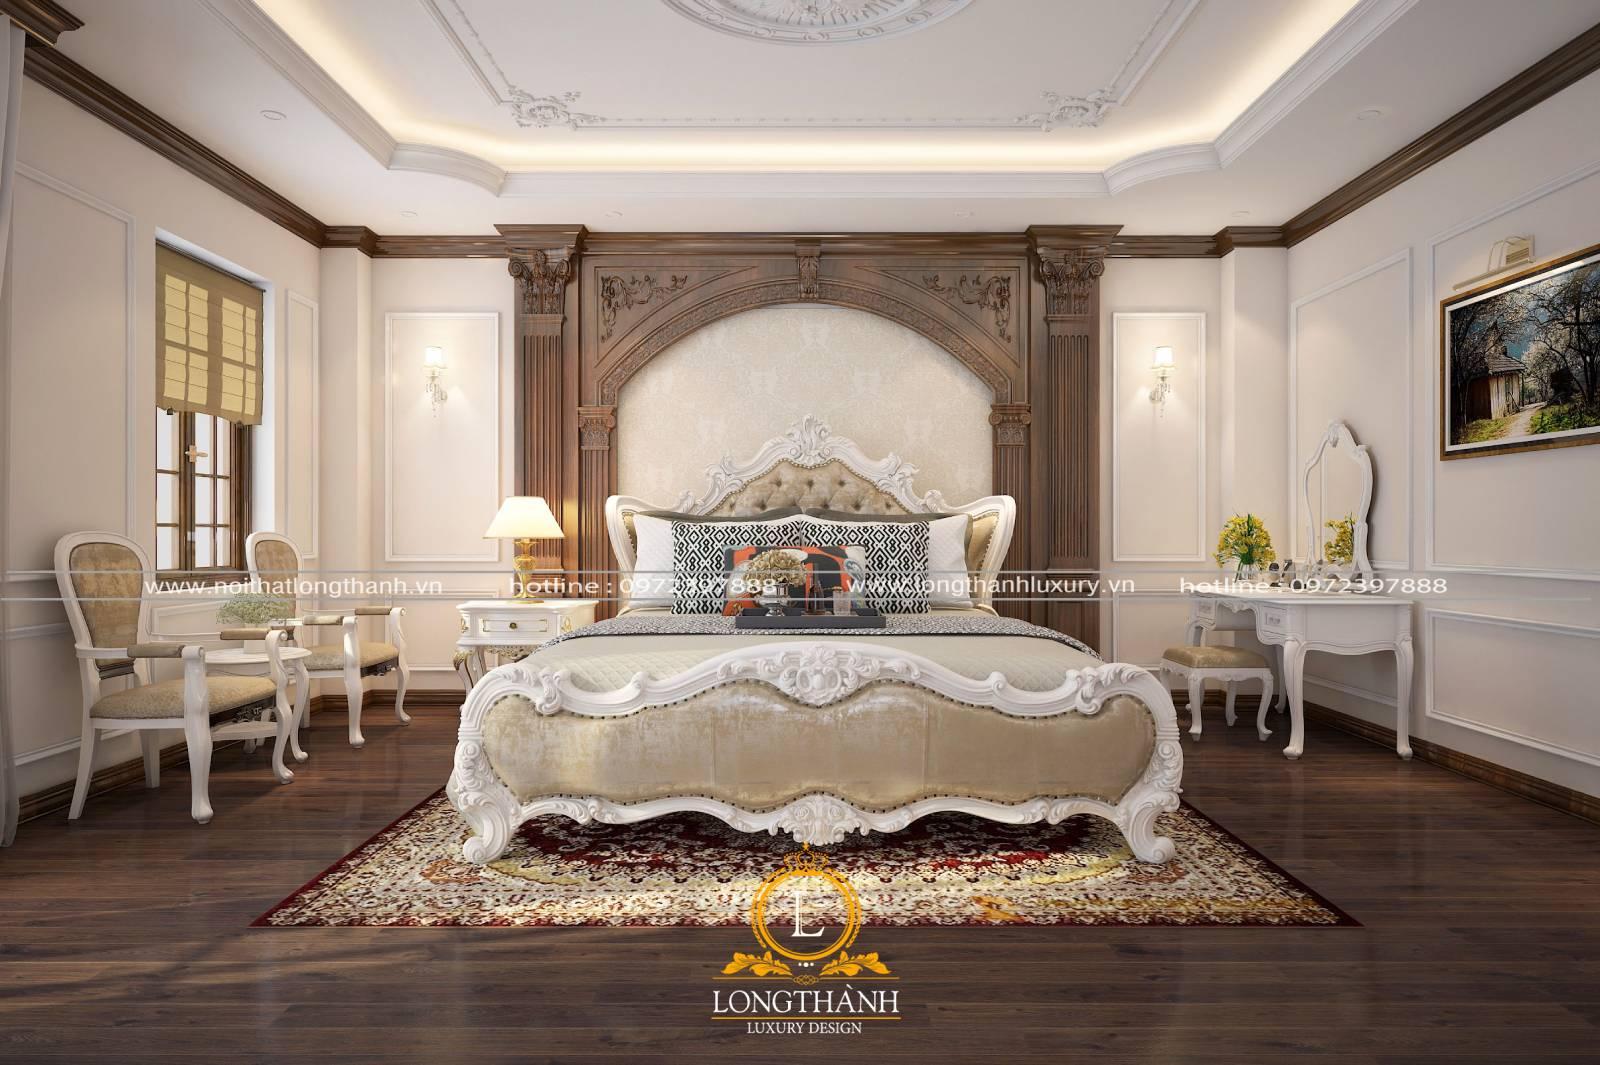 Thiết kế nội thất phòng ngủ nhà biệt thự liền kề theo phong cách tân cổ điển